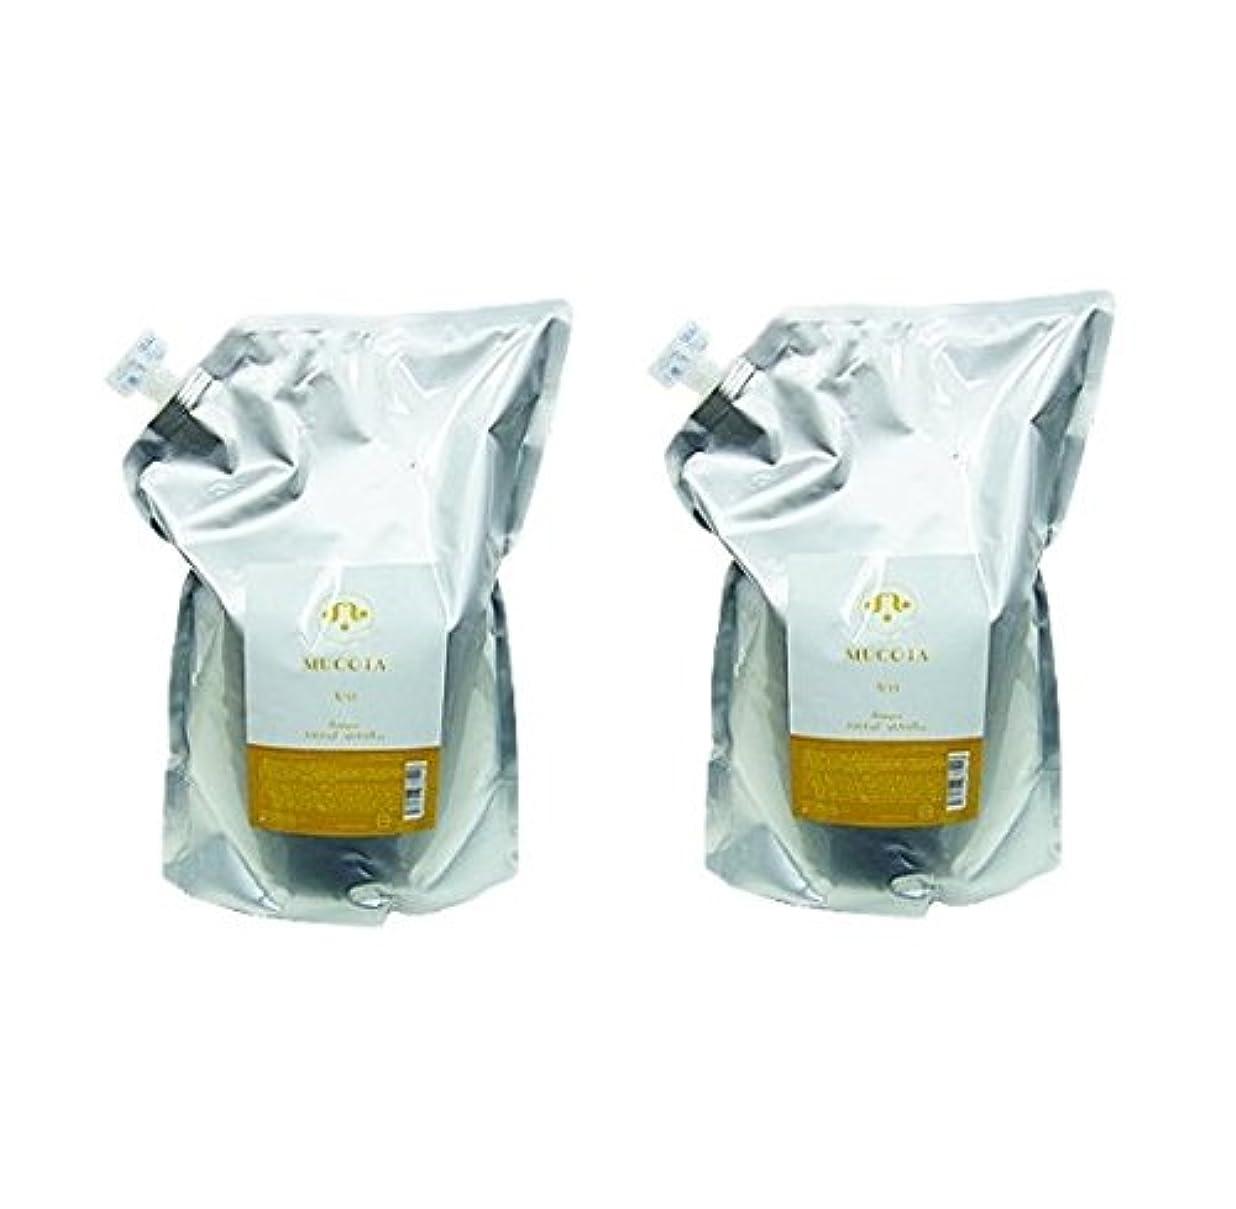 乳製品上下する選択ムコタ ホームケア シャンプー A/33 2500ml × 2個 セット 詰め替え用 業務用 日常生活で髪が受ける熱のダメージを修復しながら、美しさ維持。 MUCOTA Home Care